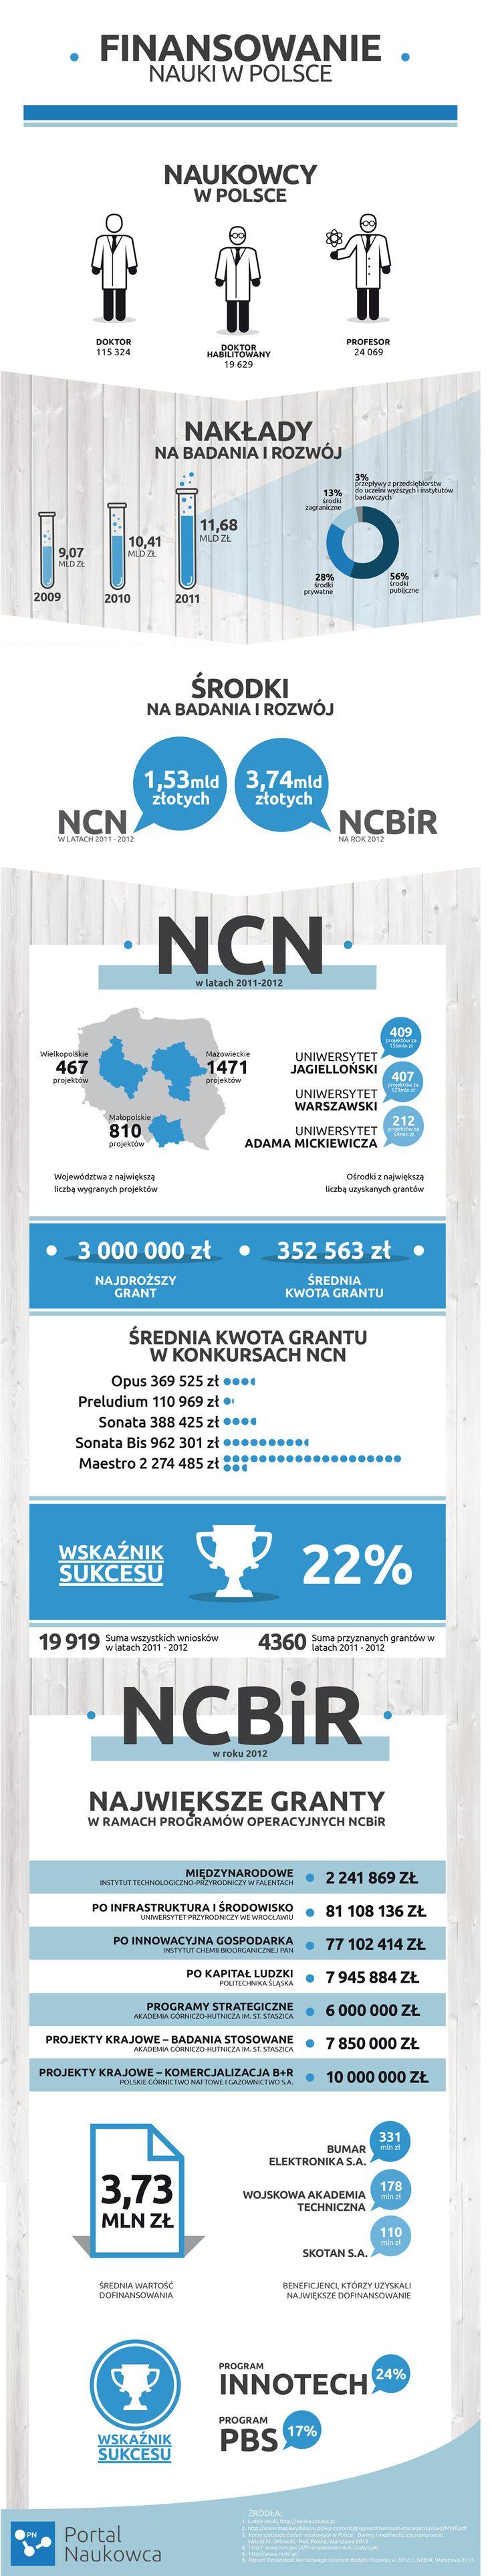 WoN: Infografiki dla nauki ~ Zdobywamy granty na badania